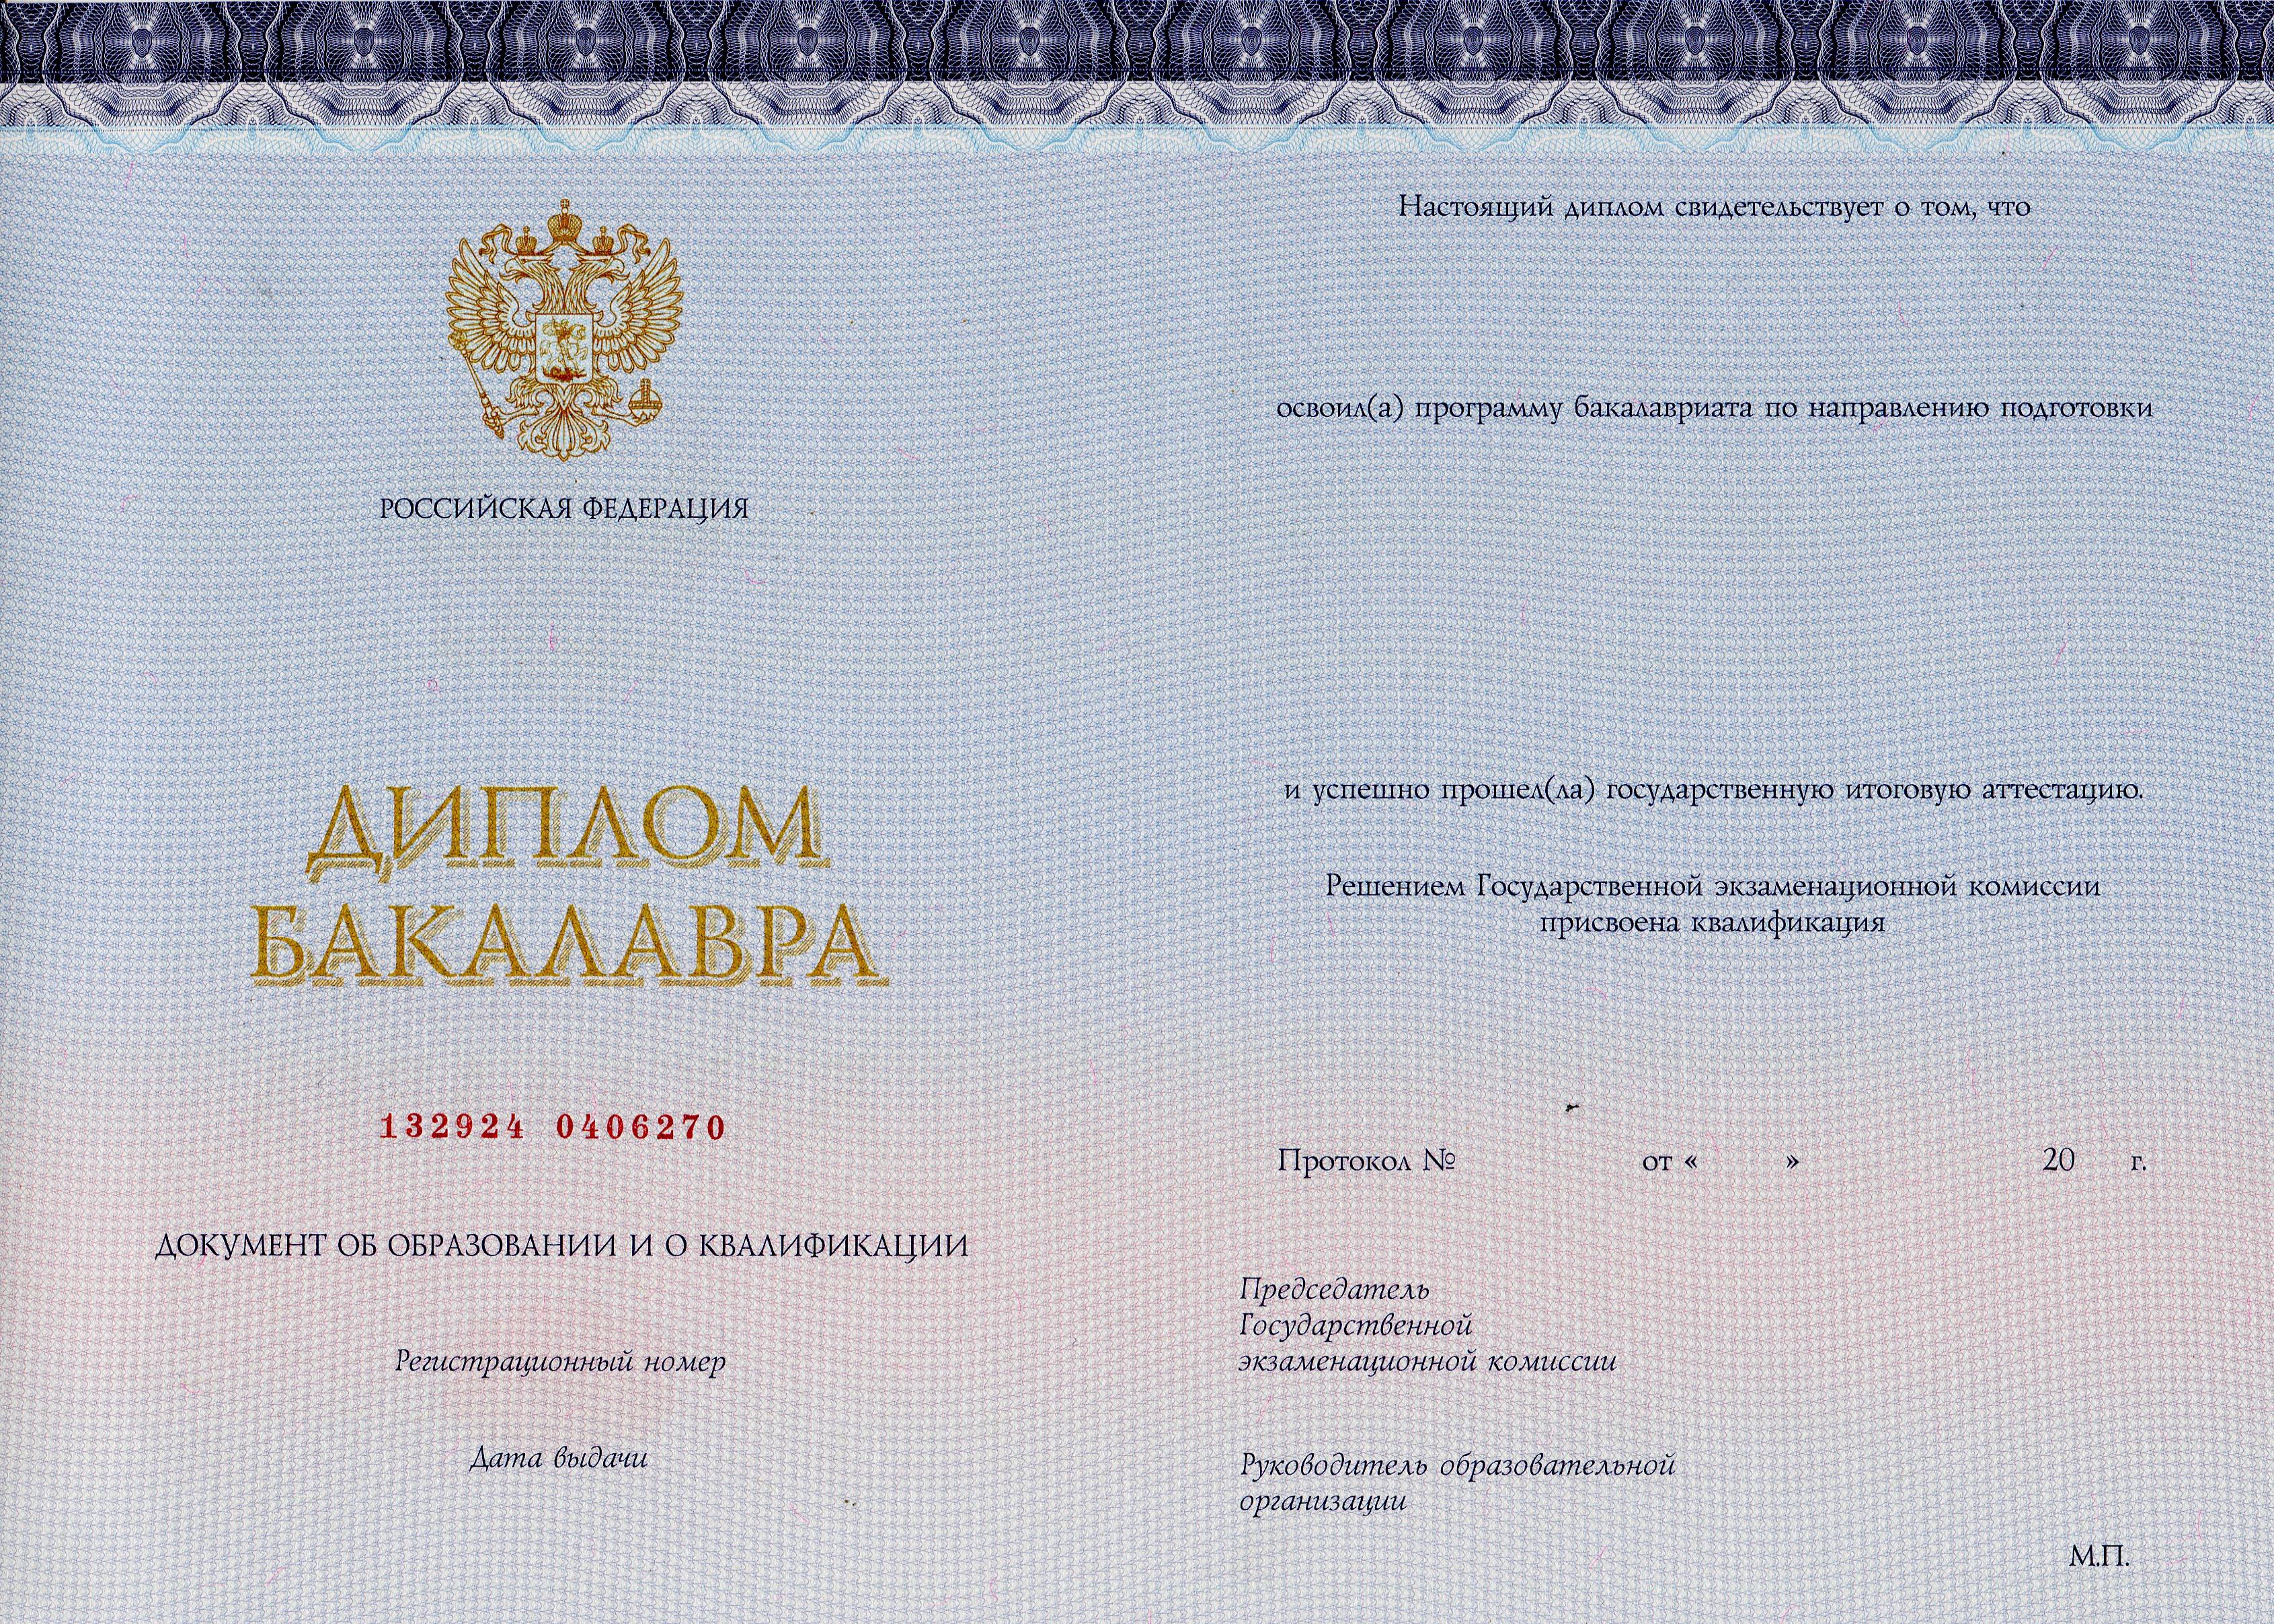 Документы Образец диплома бакалавра